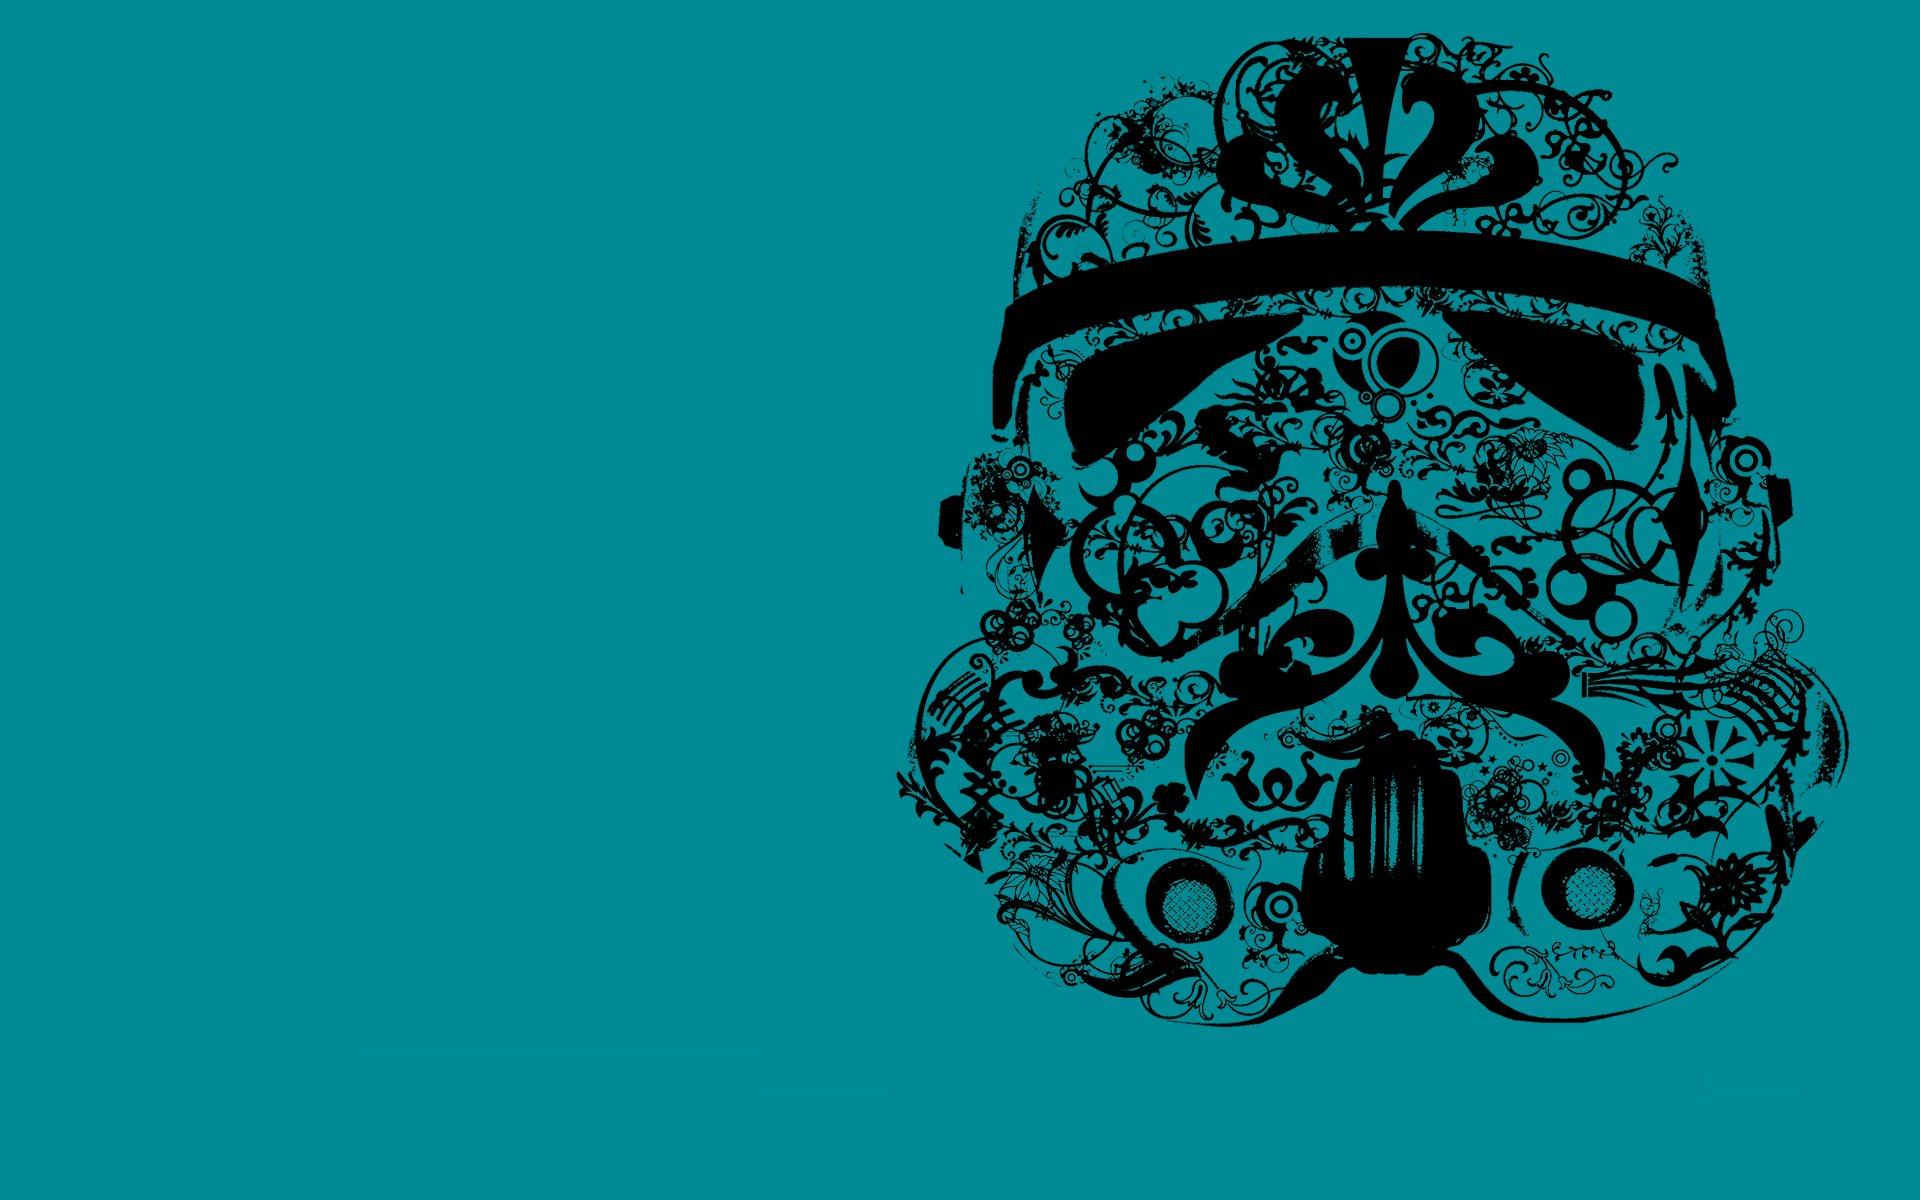 Stormtrooper Wallpaper 1080p Wallpapersafari